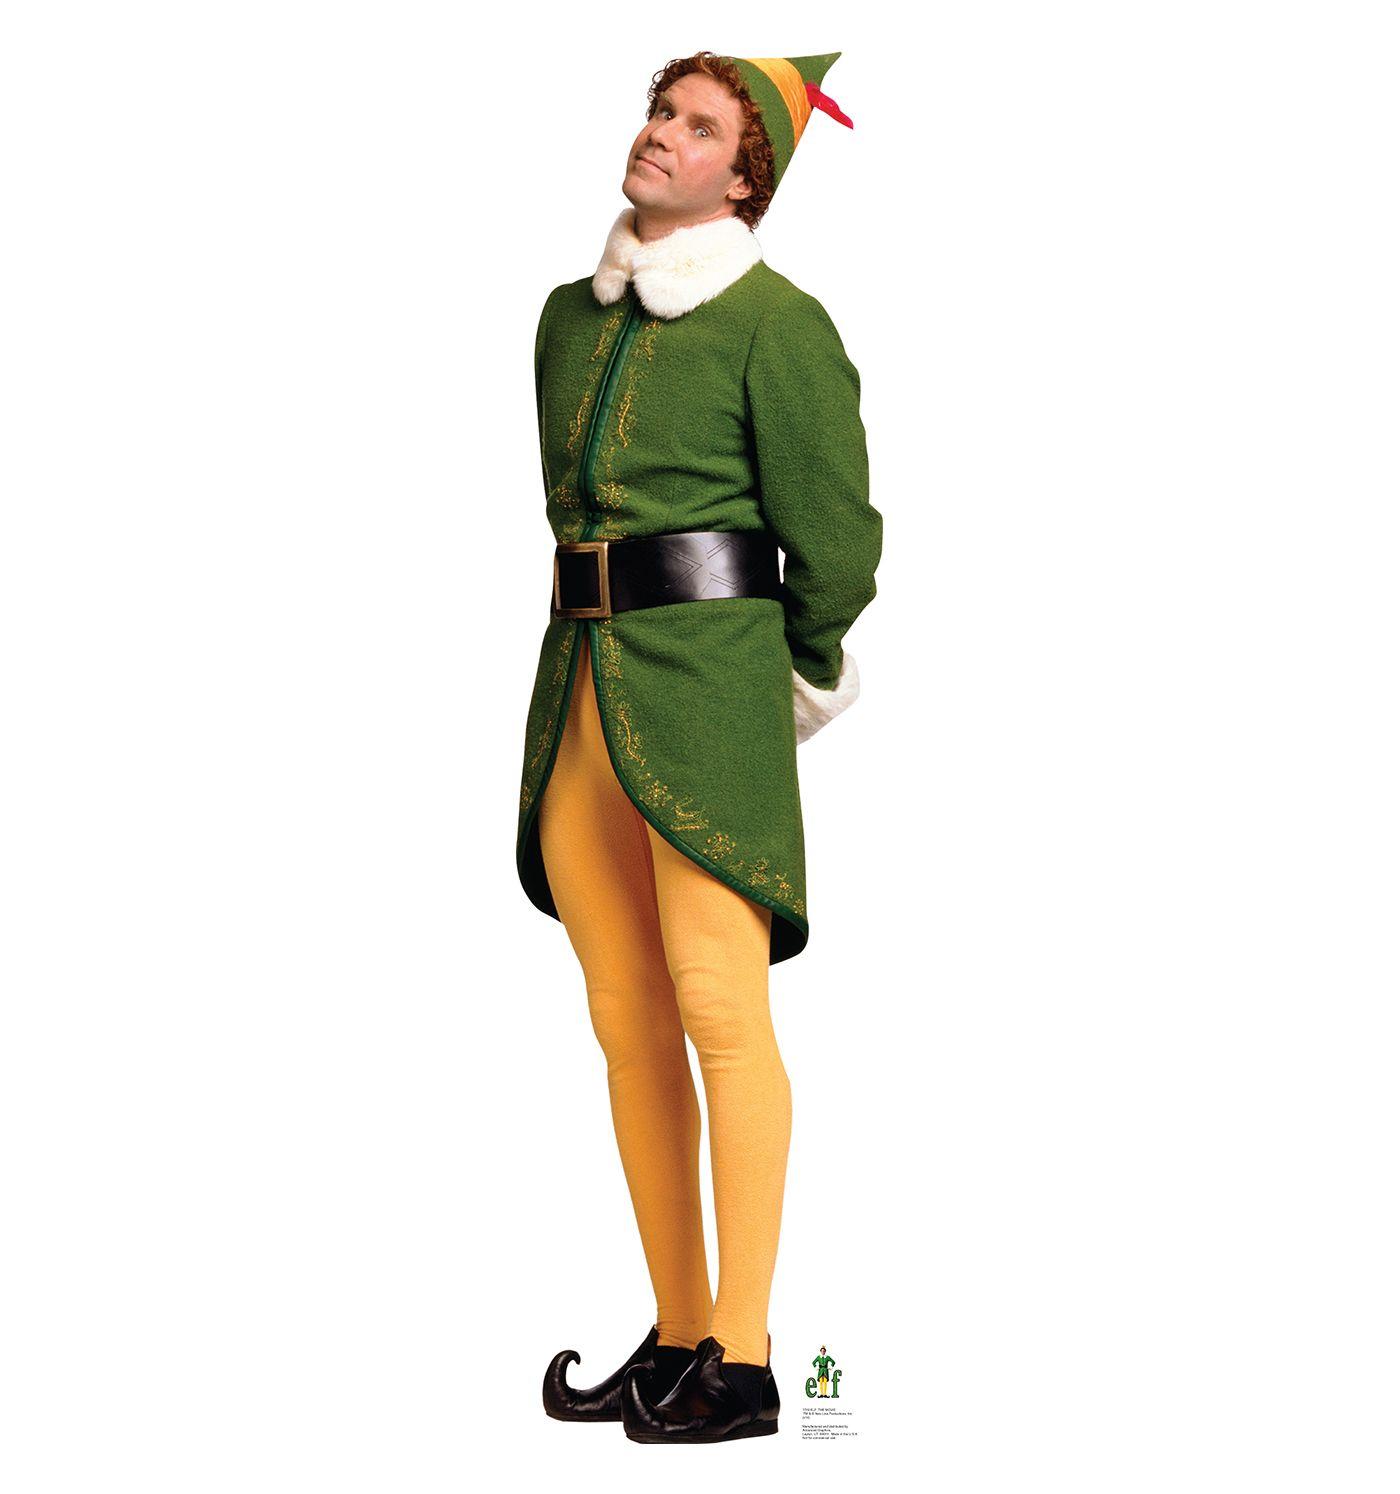 Elf Will Ferrell Google Search Buddy The Elf Costume Buddy The Elf Elf Costume